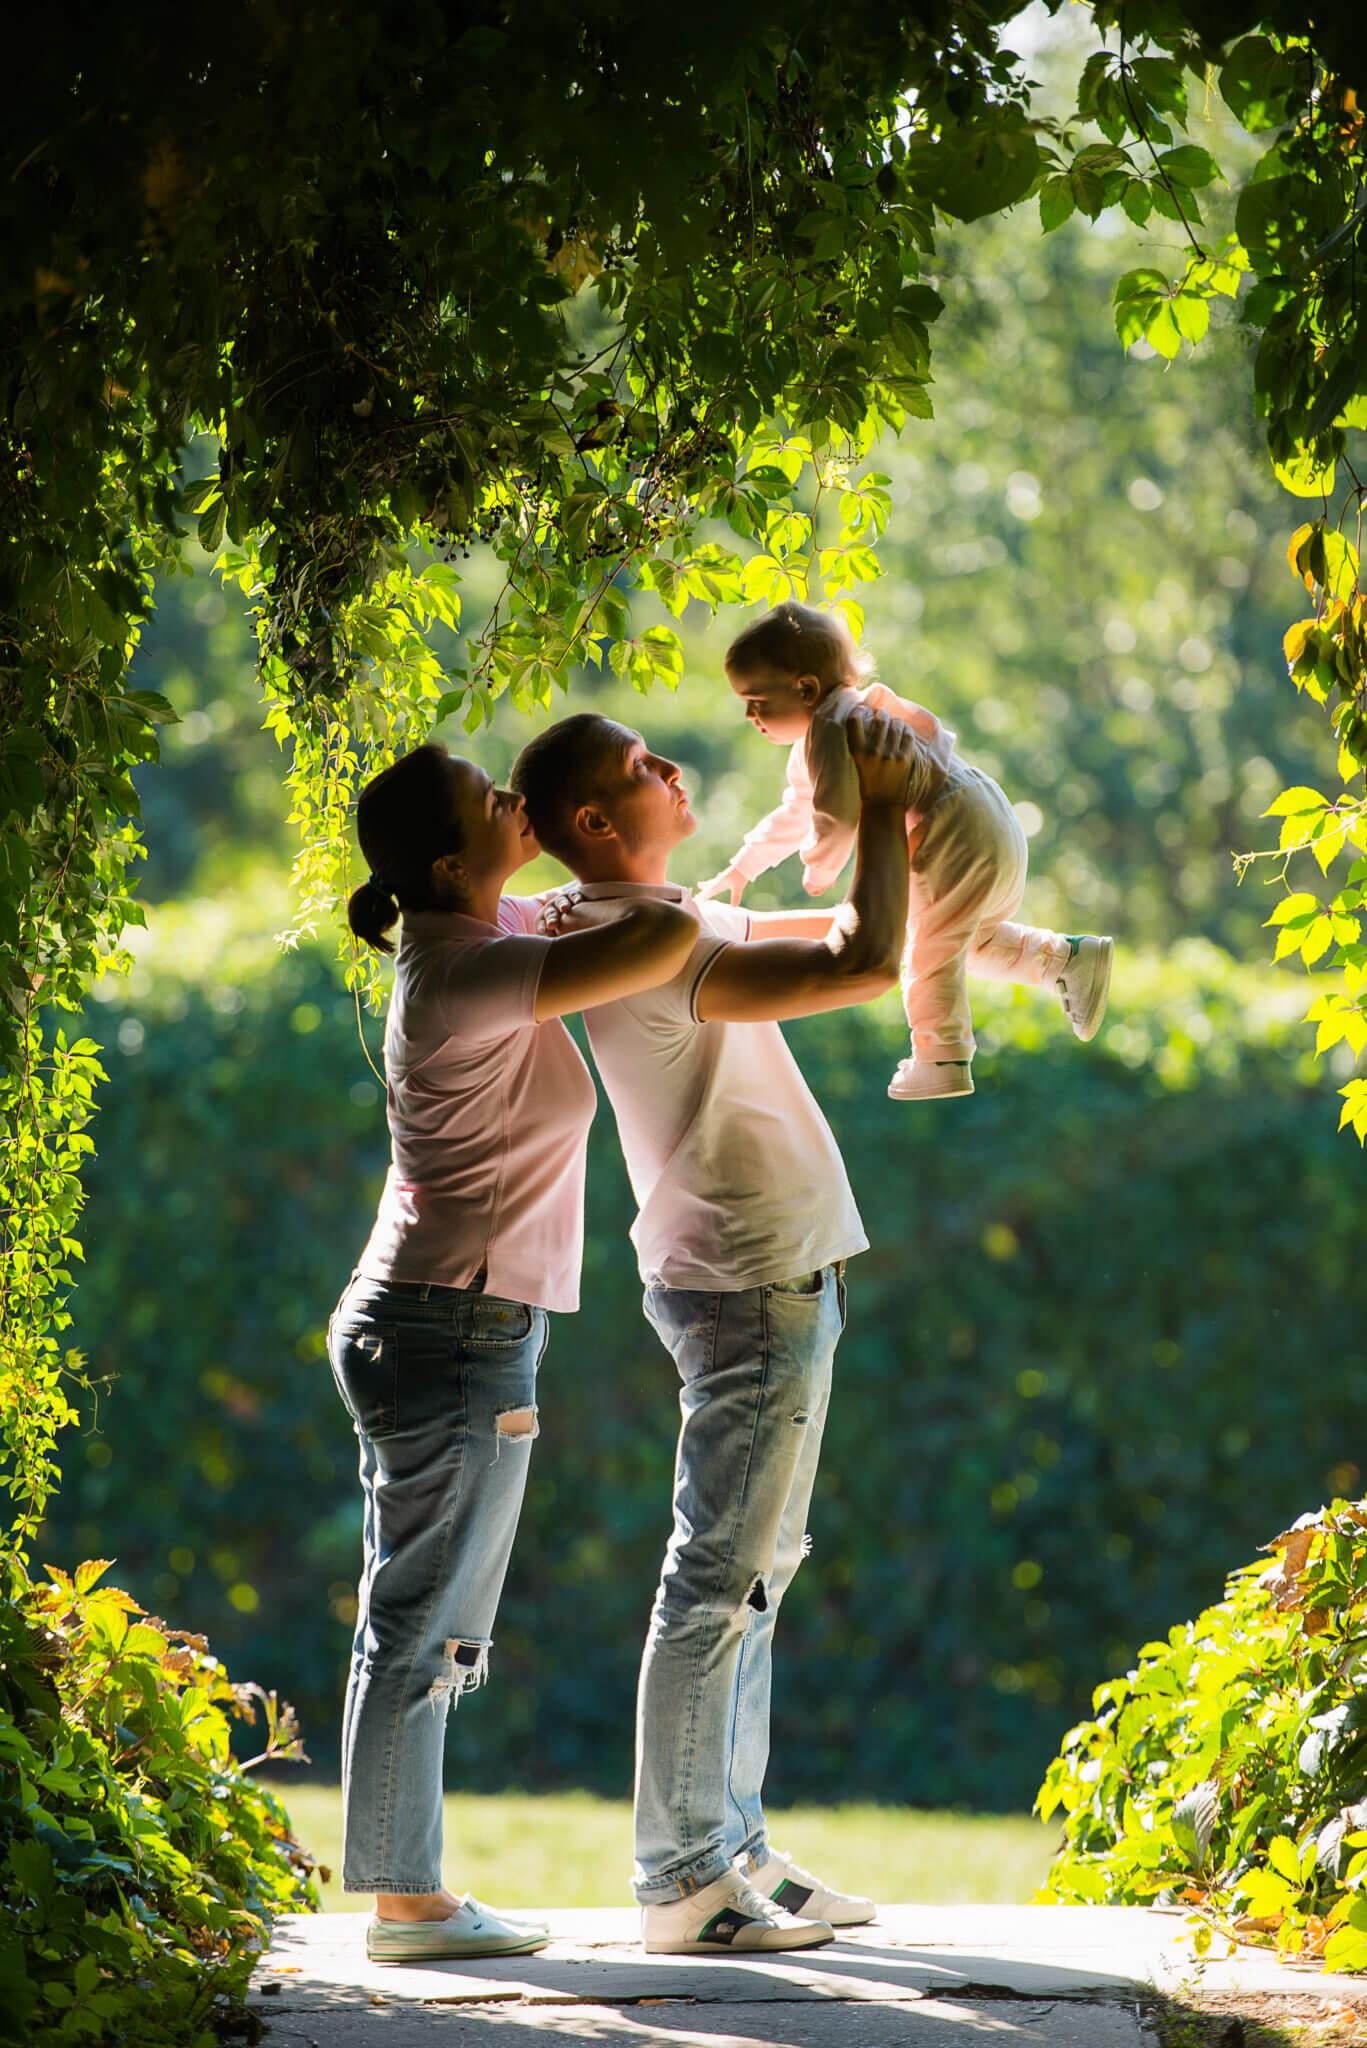 Фотосессия open-air, портфолио, семейная съемка, семья из трех человек в тени винограда